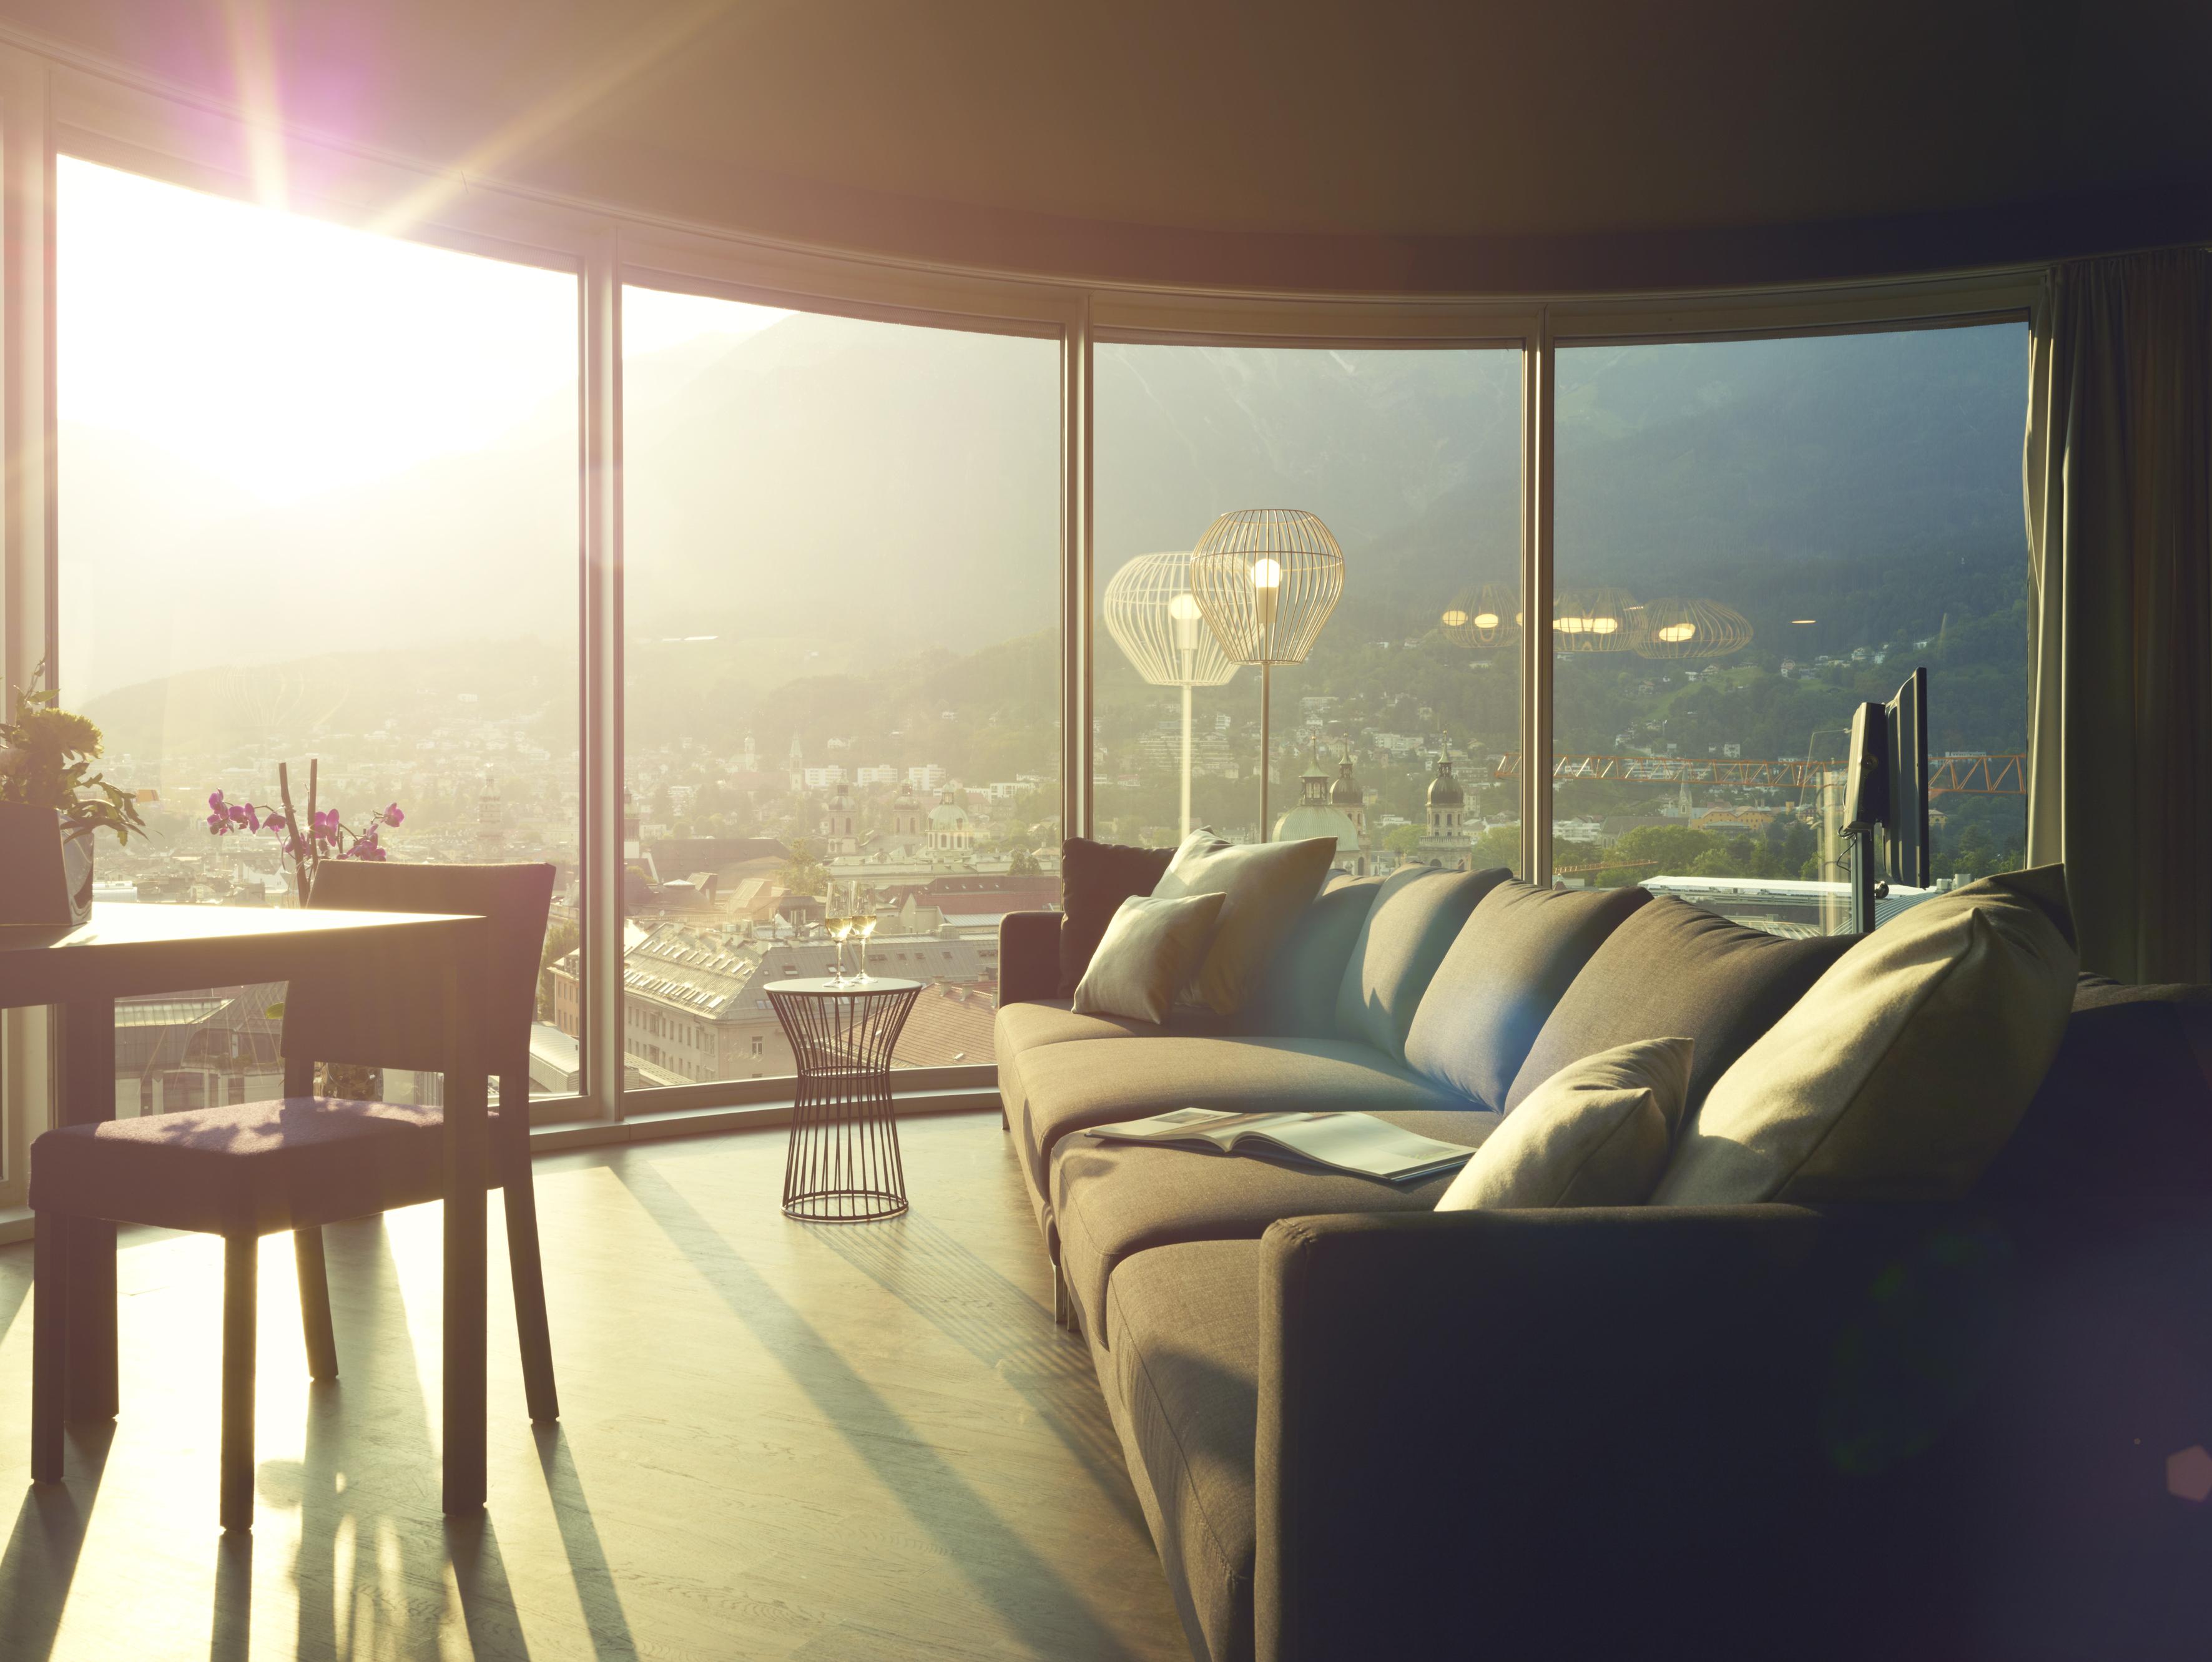 aDLERS Hotel Innsbruck-Präsidentensuite